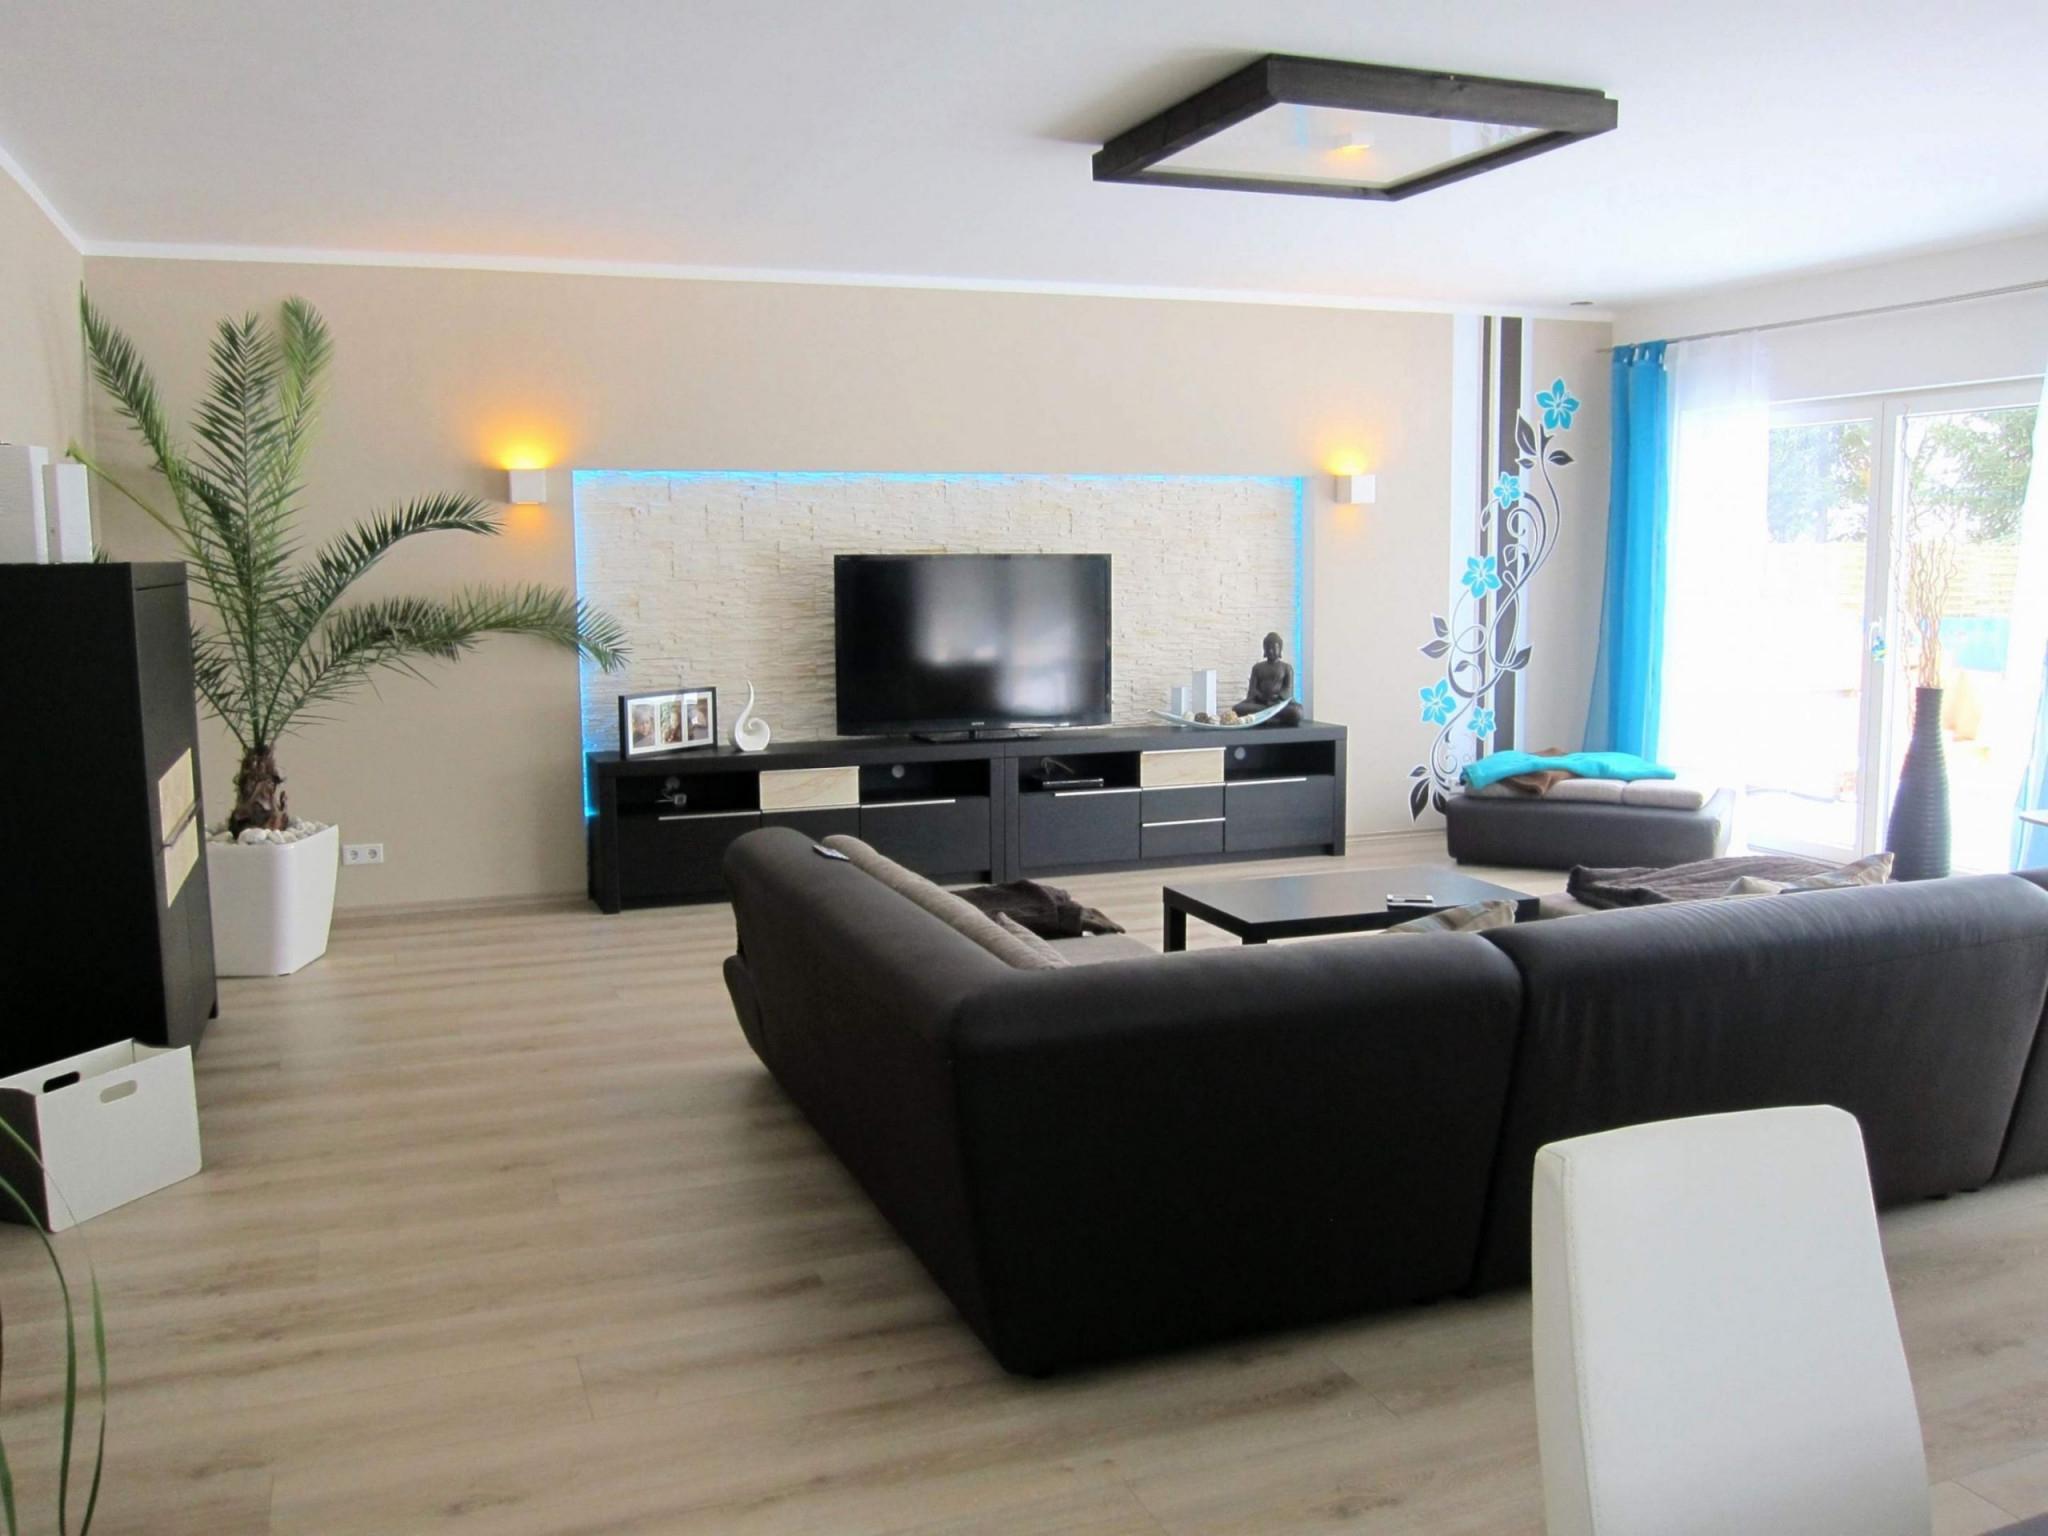 Wohnzimmer Einrichten 3D Elegant Luxus Wohnzimmer Genial von Wohnzimmer Einrichten 3D Photo